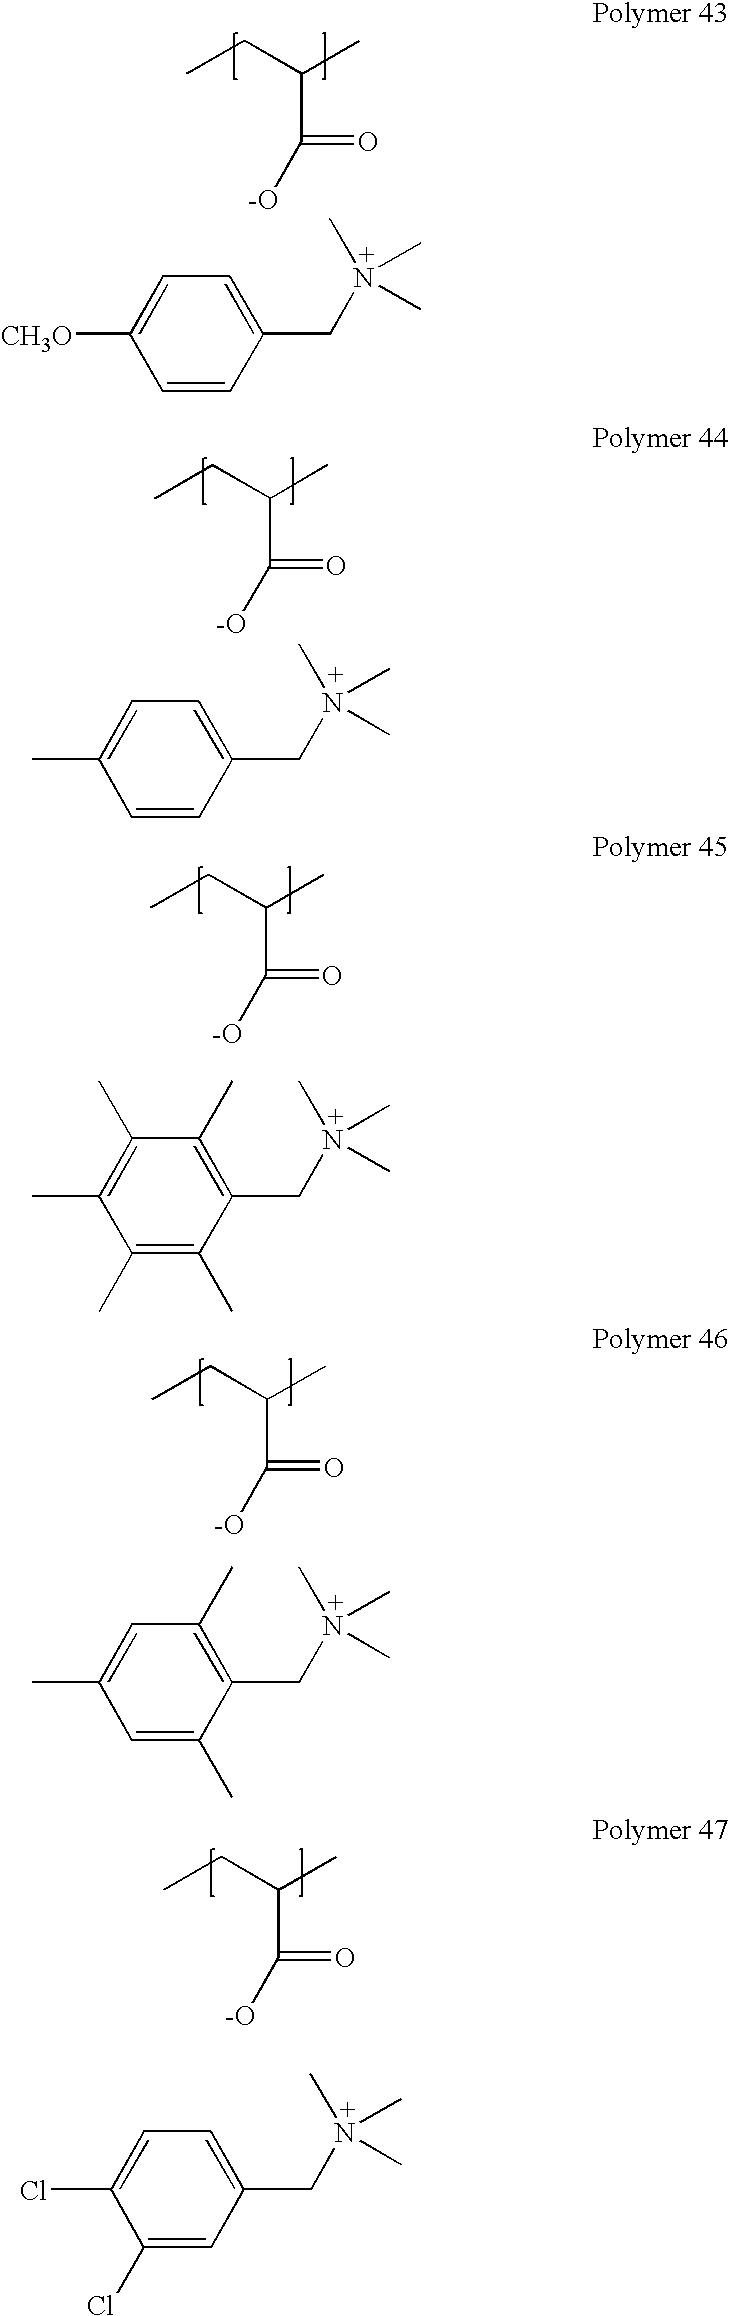 Figure US20040189762A1-20040930-C00010